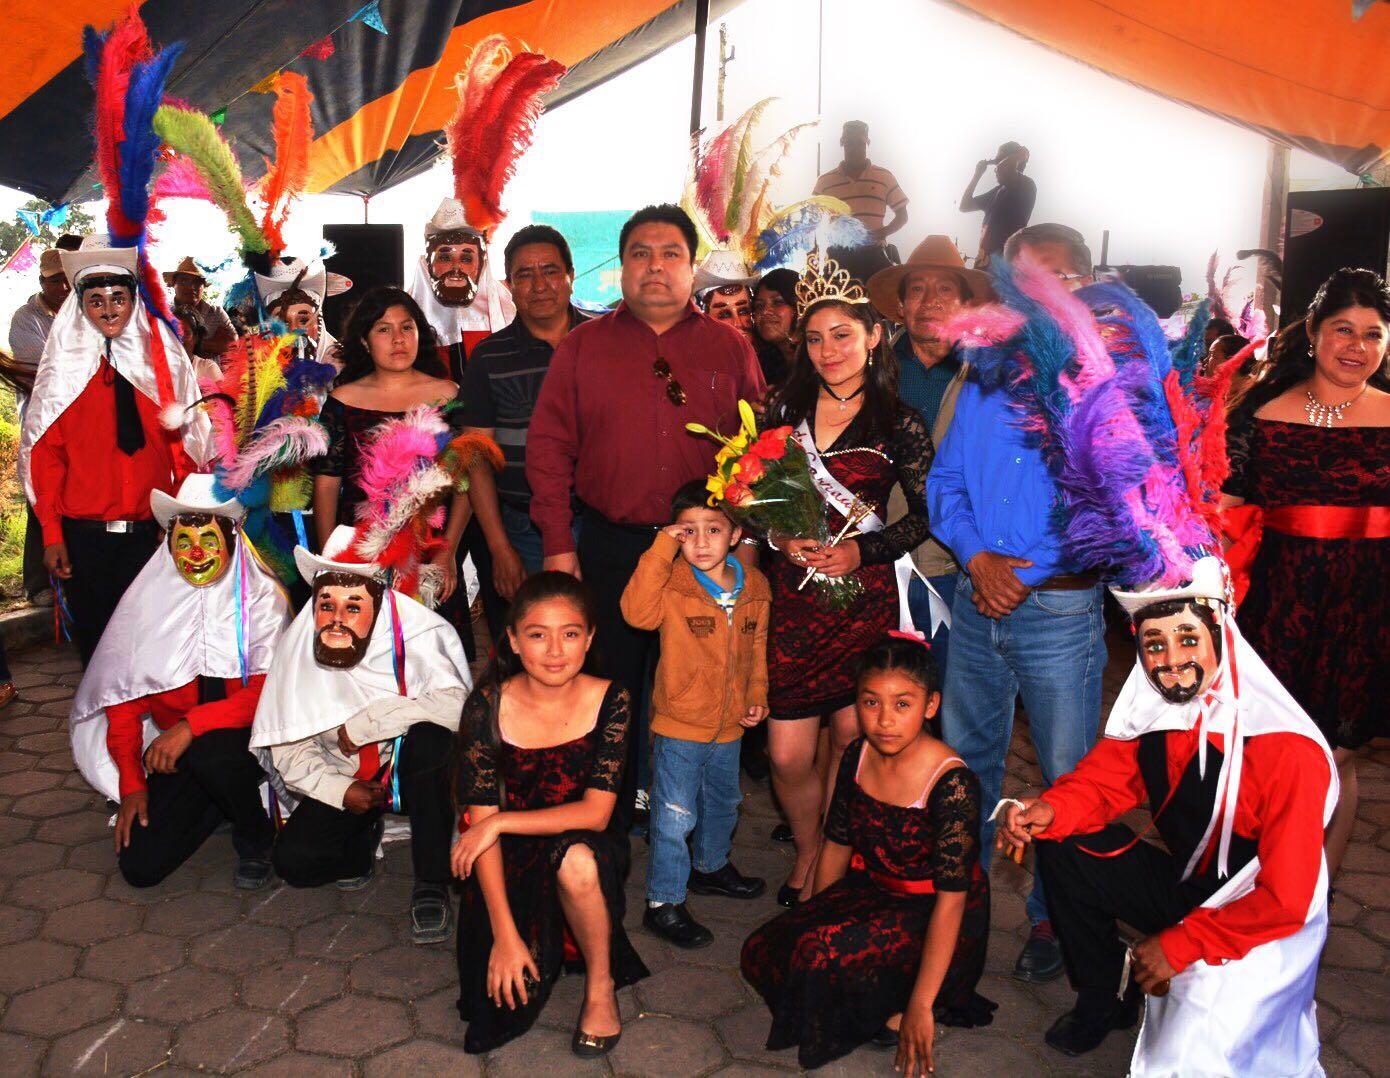 Coronan a nueva Reina del Remate de Carnaval de Tepeticpac 2017